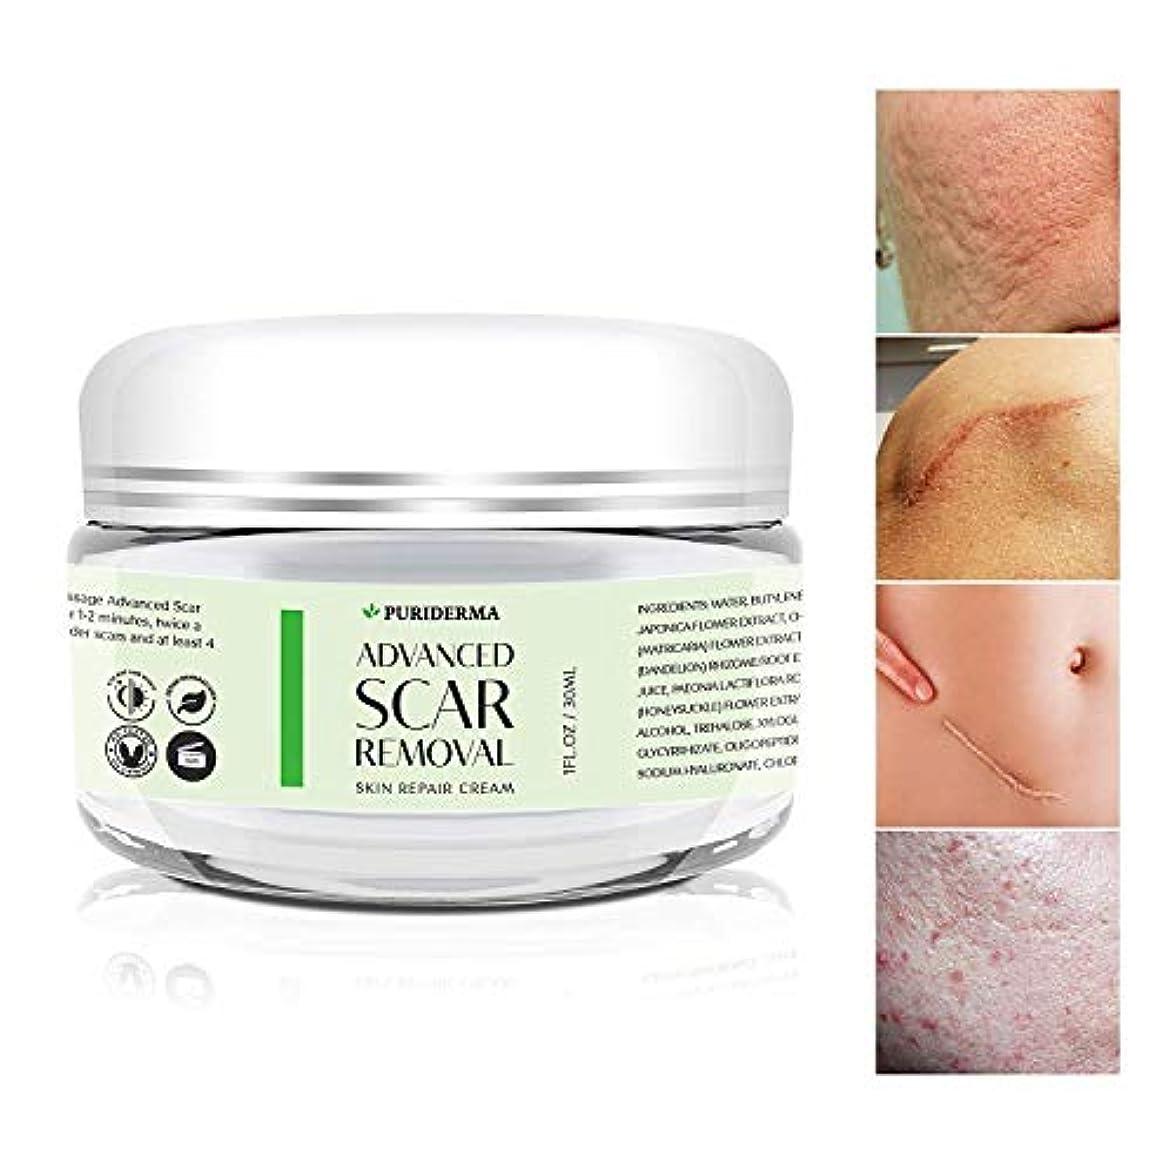 非常に怒っています北米せっかちPuriderma 社 の Advanced Scar Removal Cream (30 ml) 妊娠線 や 傷跡 修復に Advanced Treatment for Face & Body, Old & New Scars...